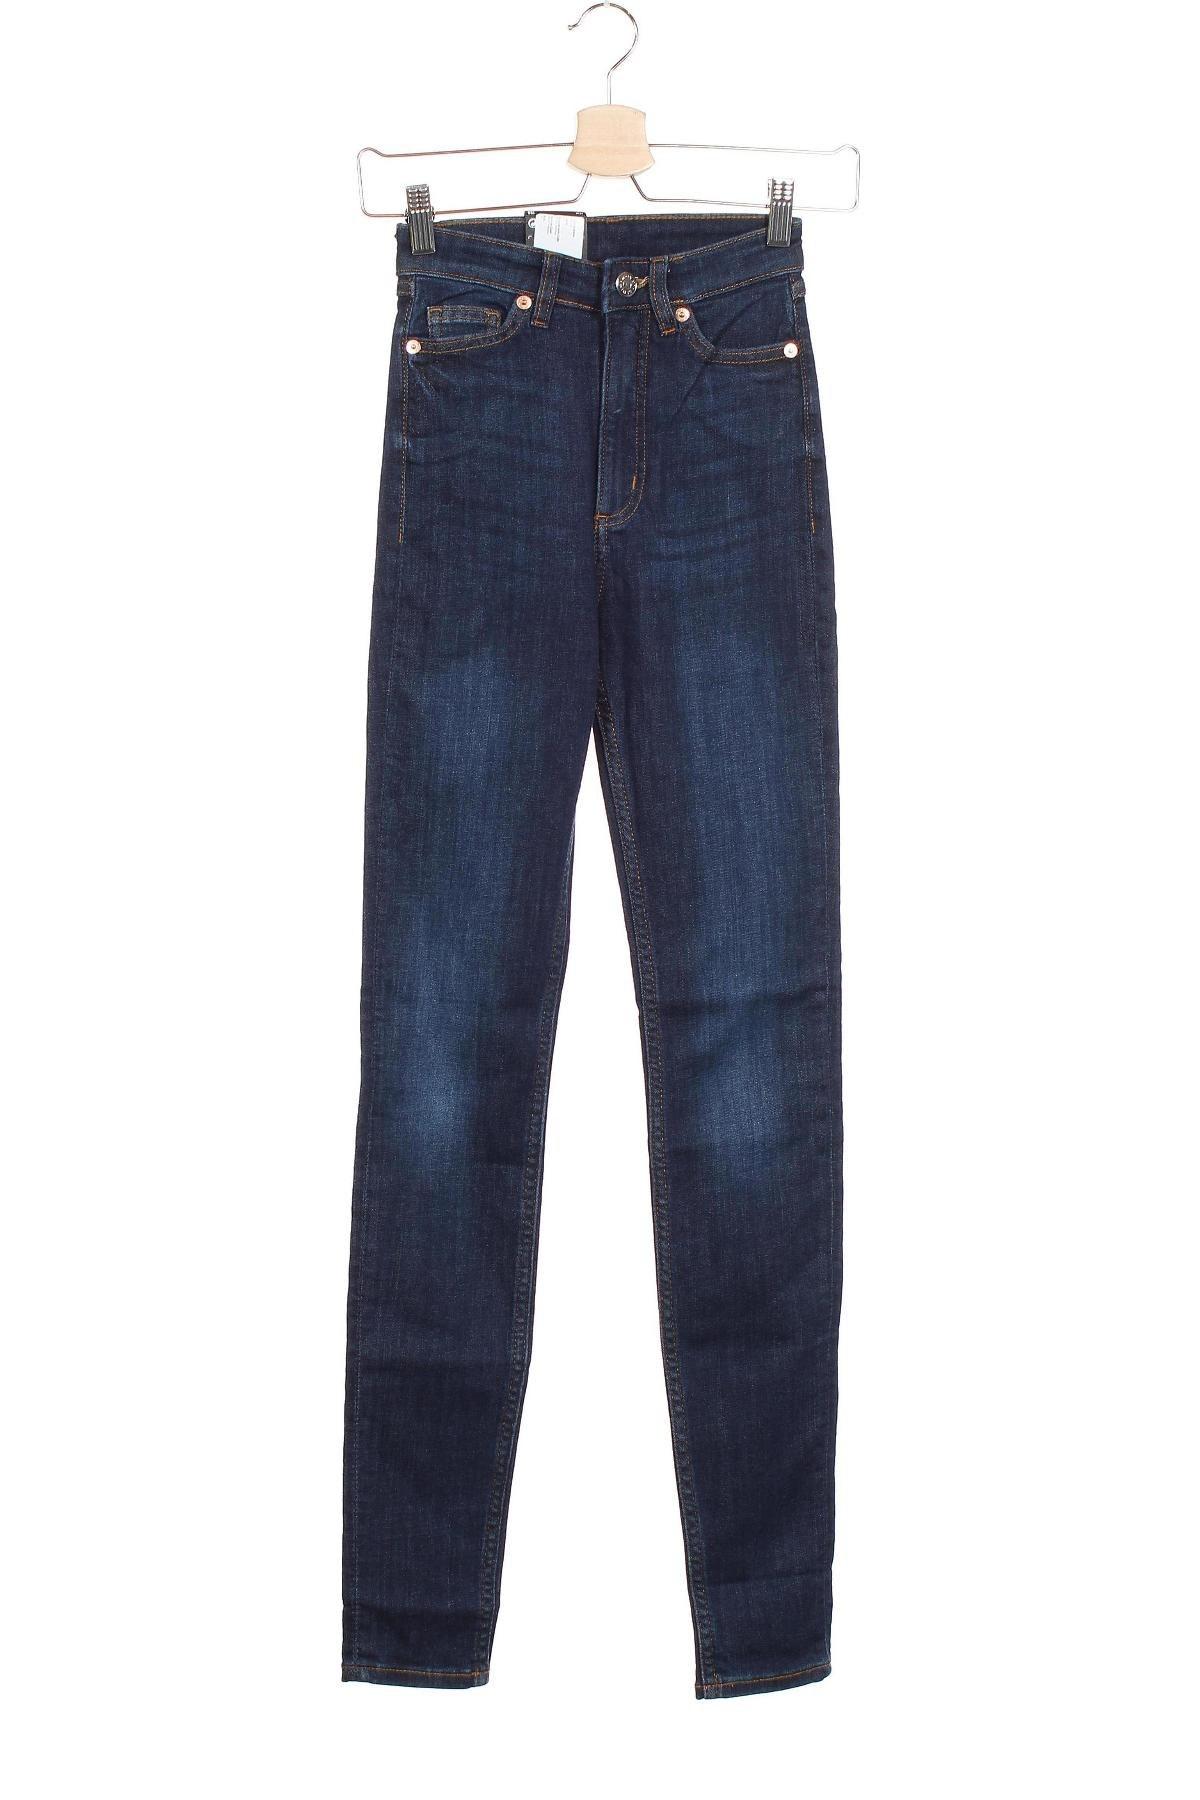 Дамски дънки Monki, Размер XXS, Цвят Син, 86% памук, 12% полиестер, 2% еластан, Цена 19,27лв.